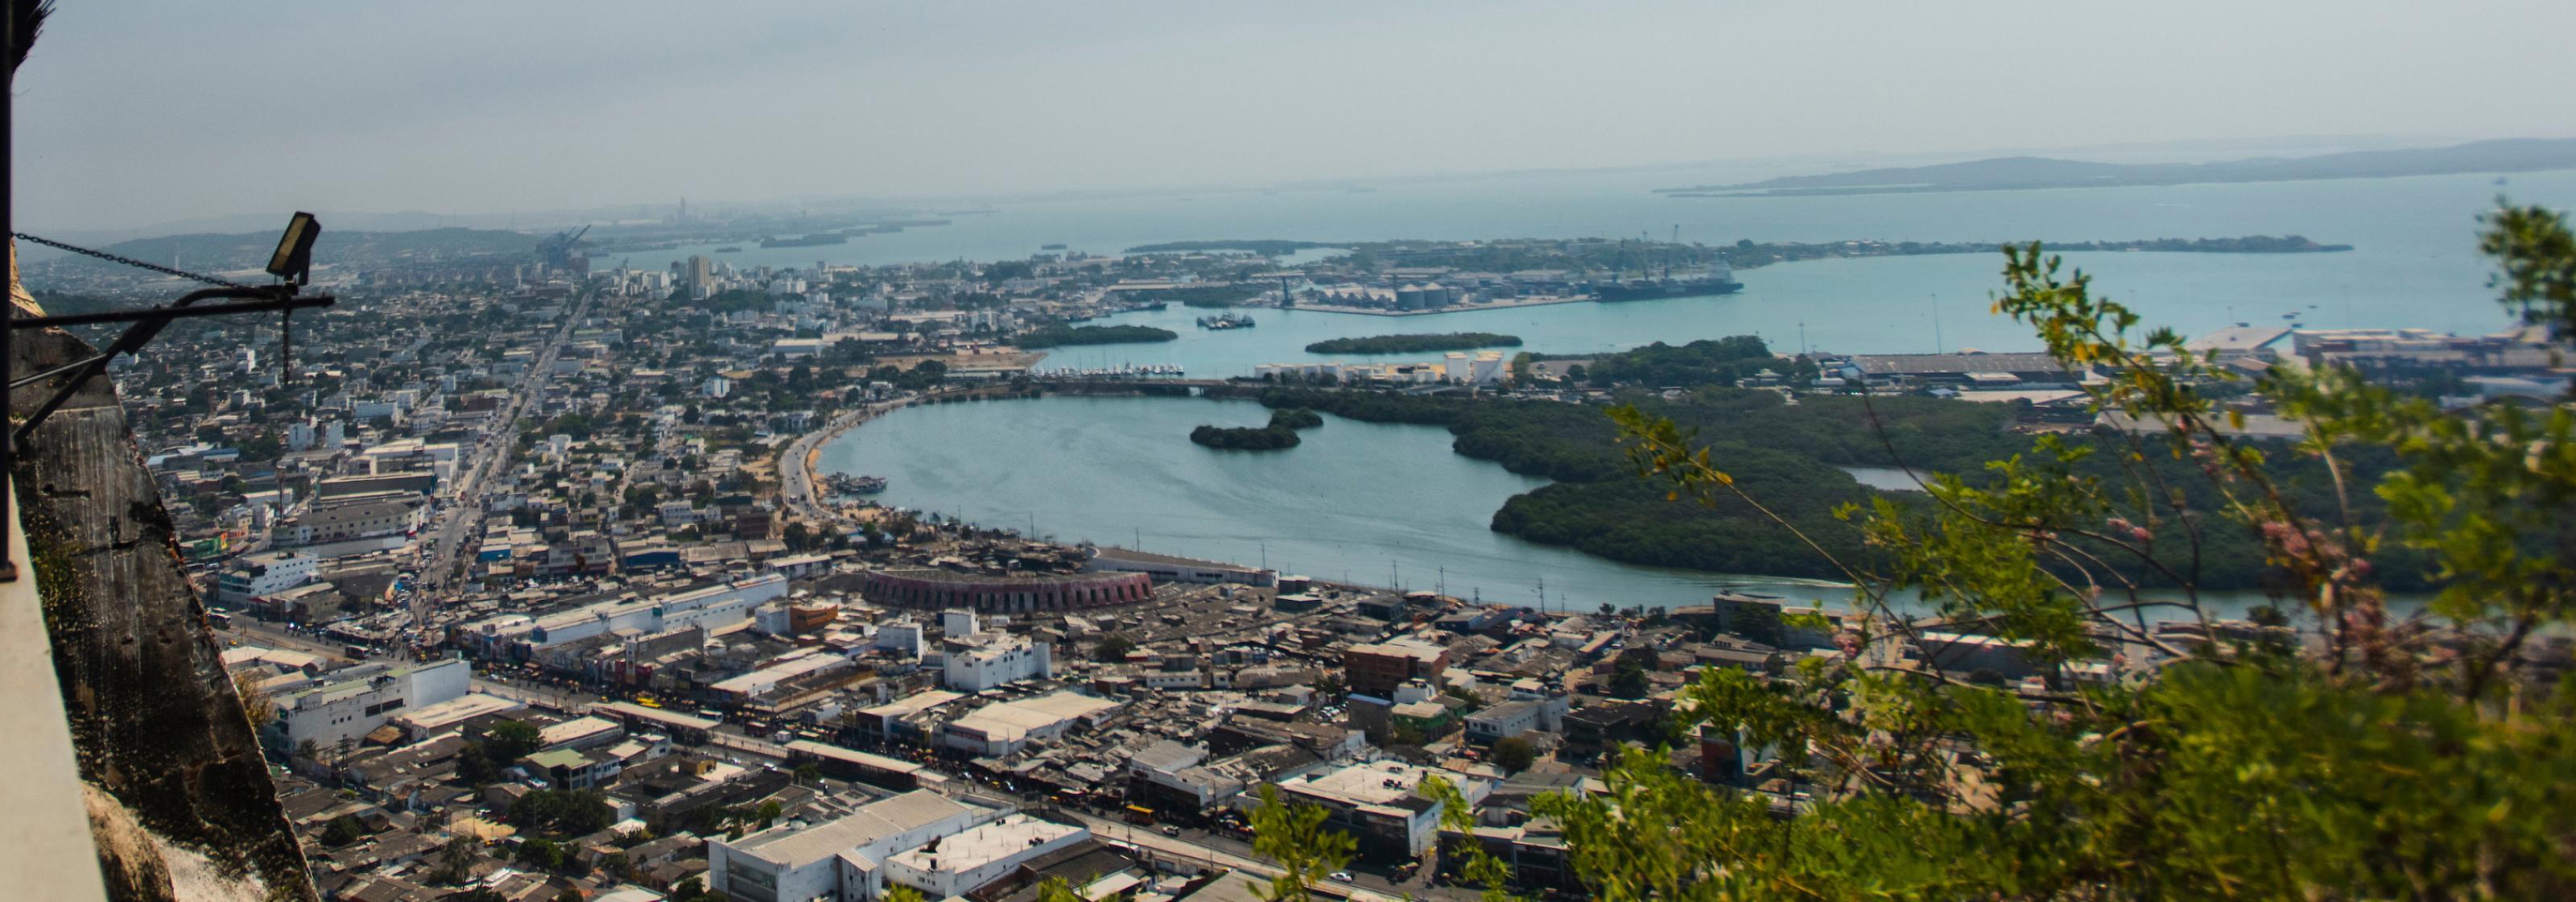 Aktivitäten in Cartagena